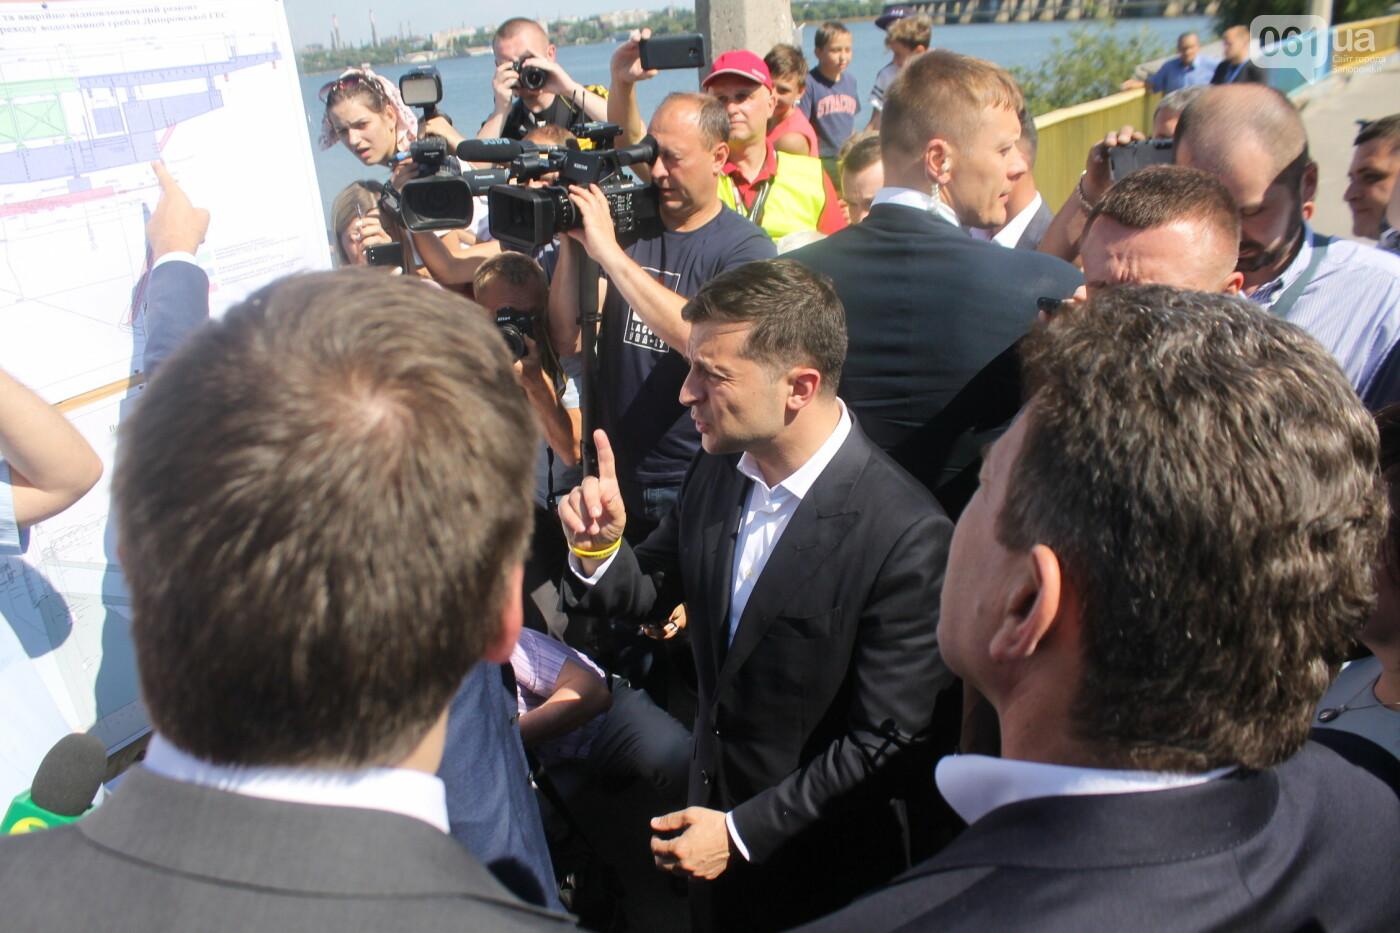 Зеленский в Запорожье: гендиректор «Укргидроэнерго» пообещал уволиться, если вовремя не закончит ремонт плотины, – ФОТО, фото-3